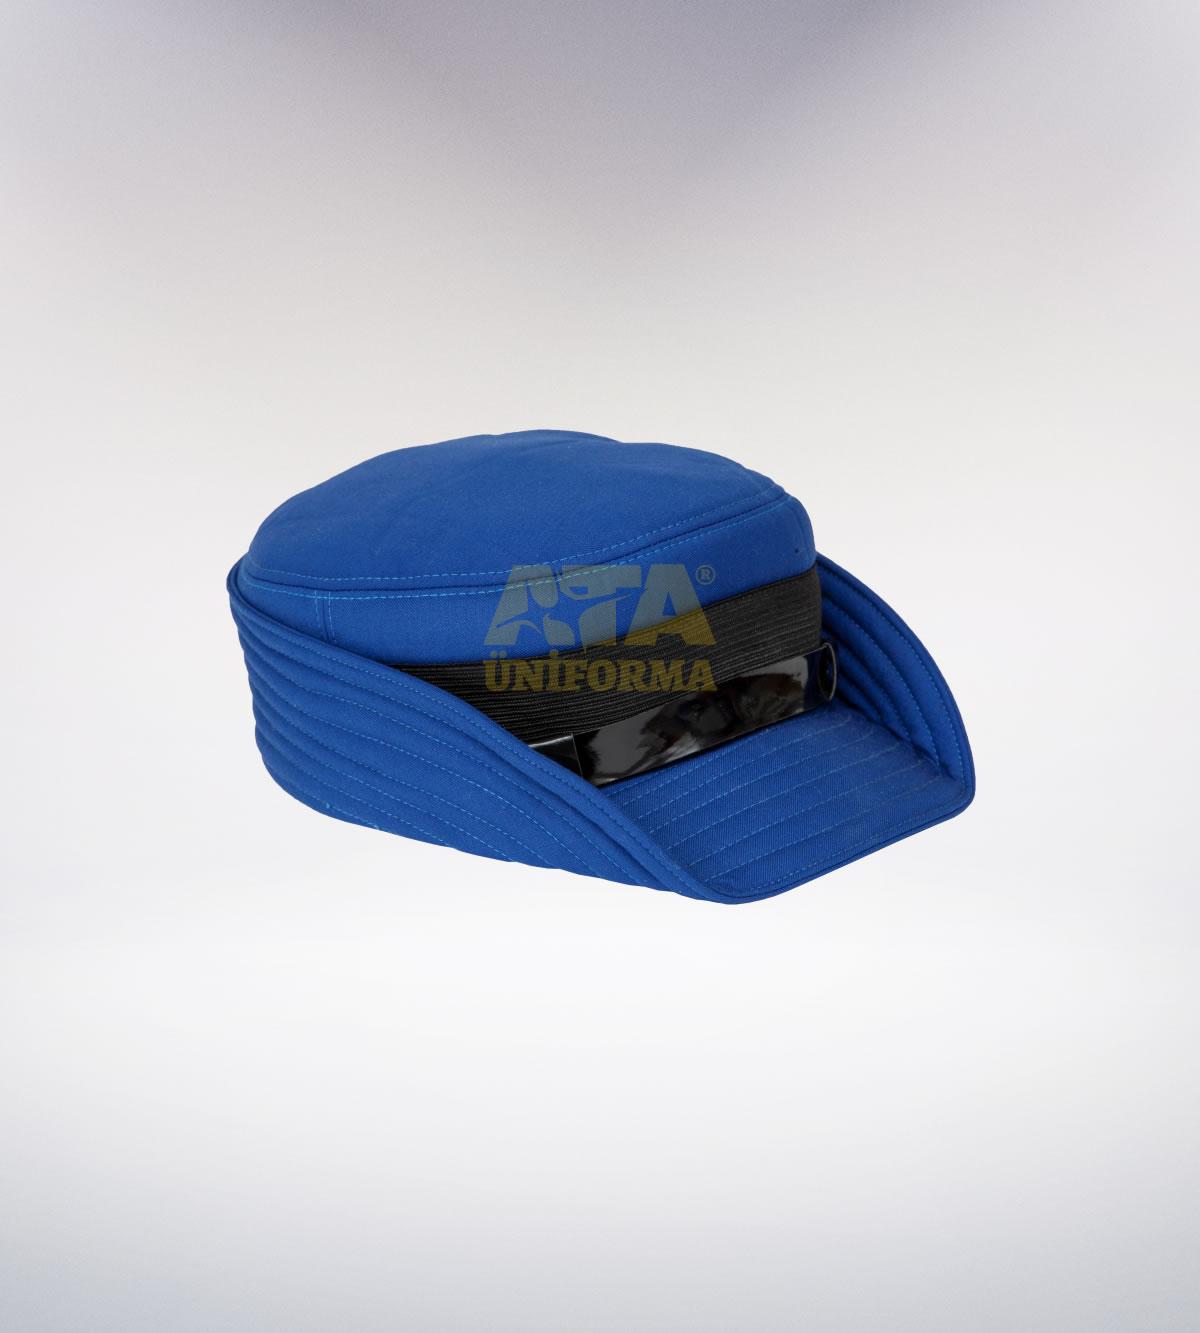 ATA-1116 Özel güvenlik tören şapka (Bayan) - özel güvenlik elbiseleri | özel güvenlik  üniformaları | özel güvenlik kıyafetleri